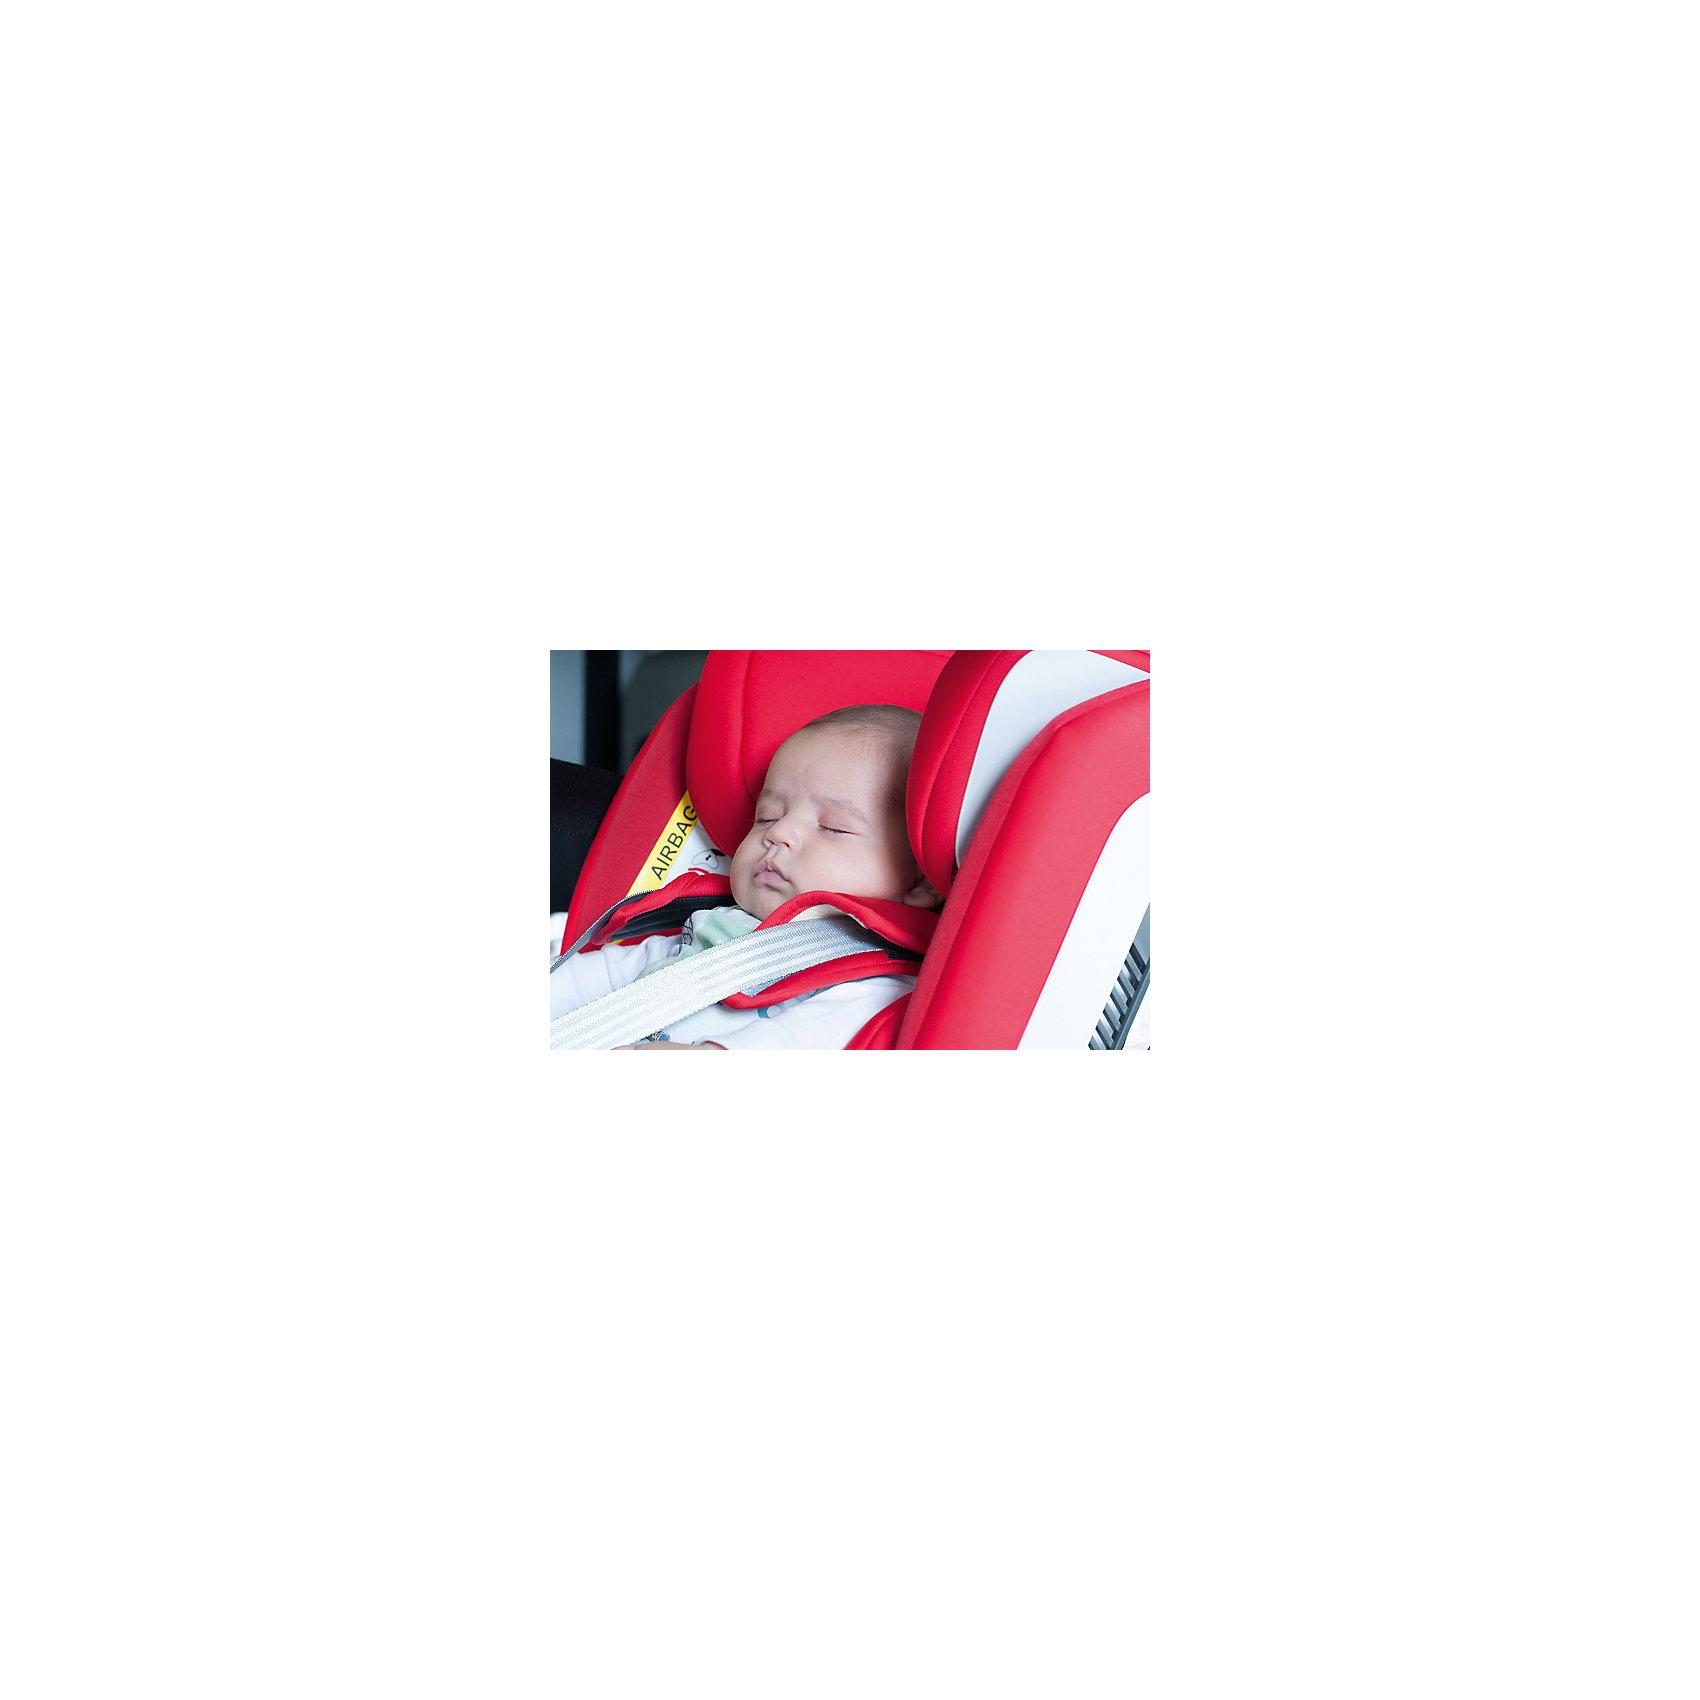 Автокресло CHICCO SEAT UP 012, 0-25 кг, красный от myToys